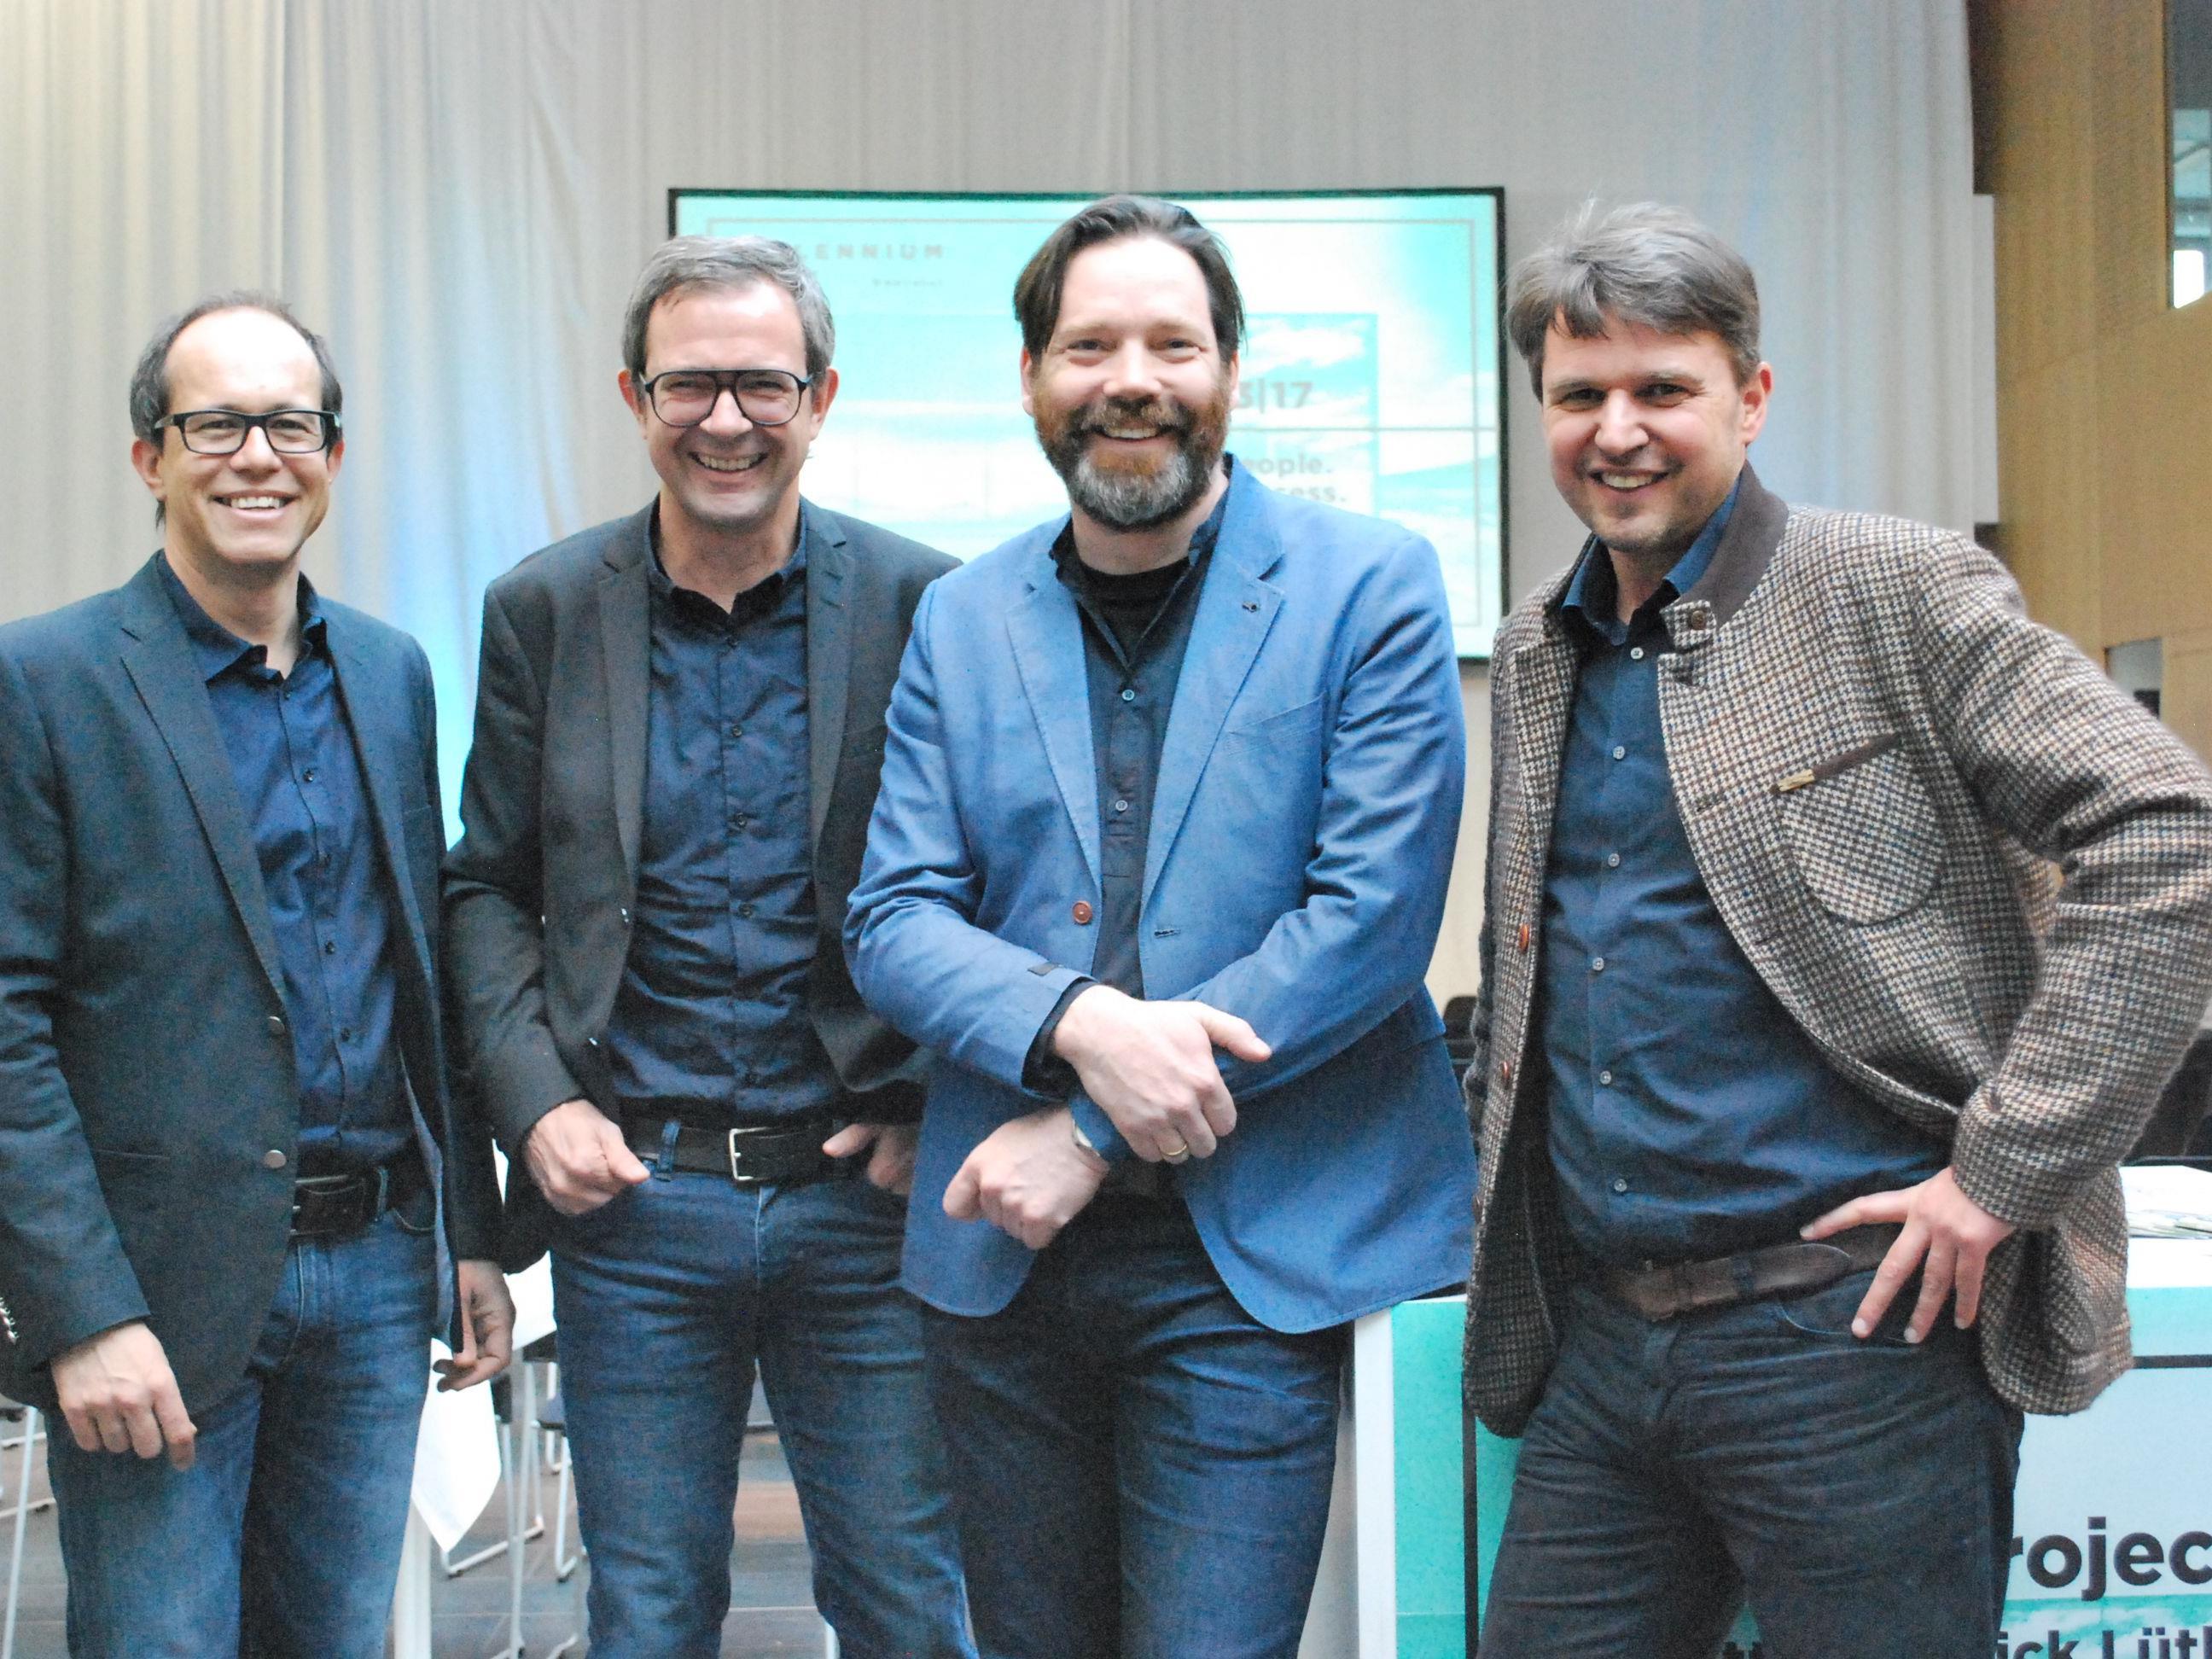 Sergej Kreibich, go biq, Bernhard Ölz, PRISMA, Patrick Lüth, Snøhetta, Kurt Fischer, Bürgermeister  (vl)